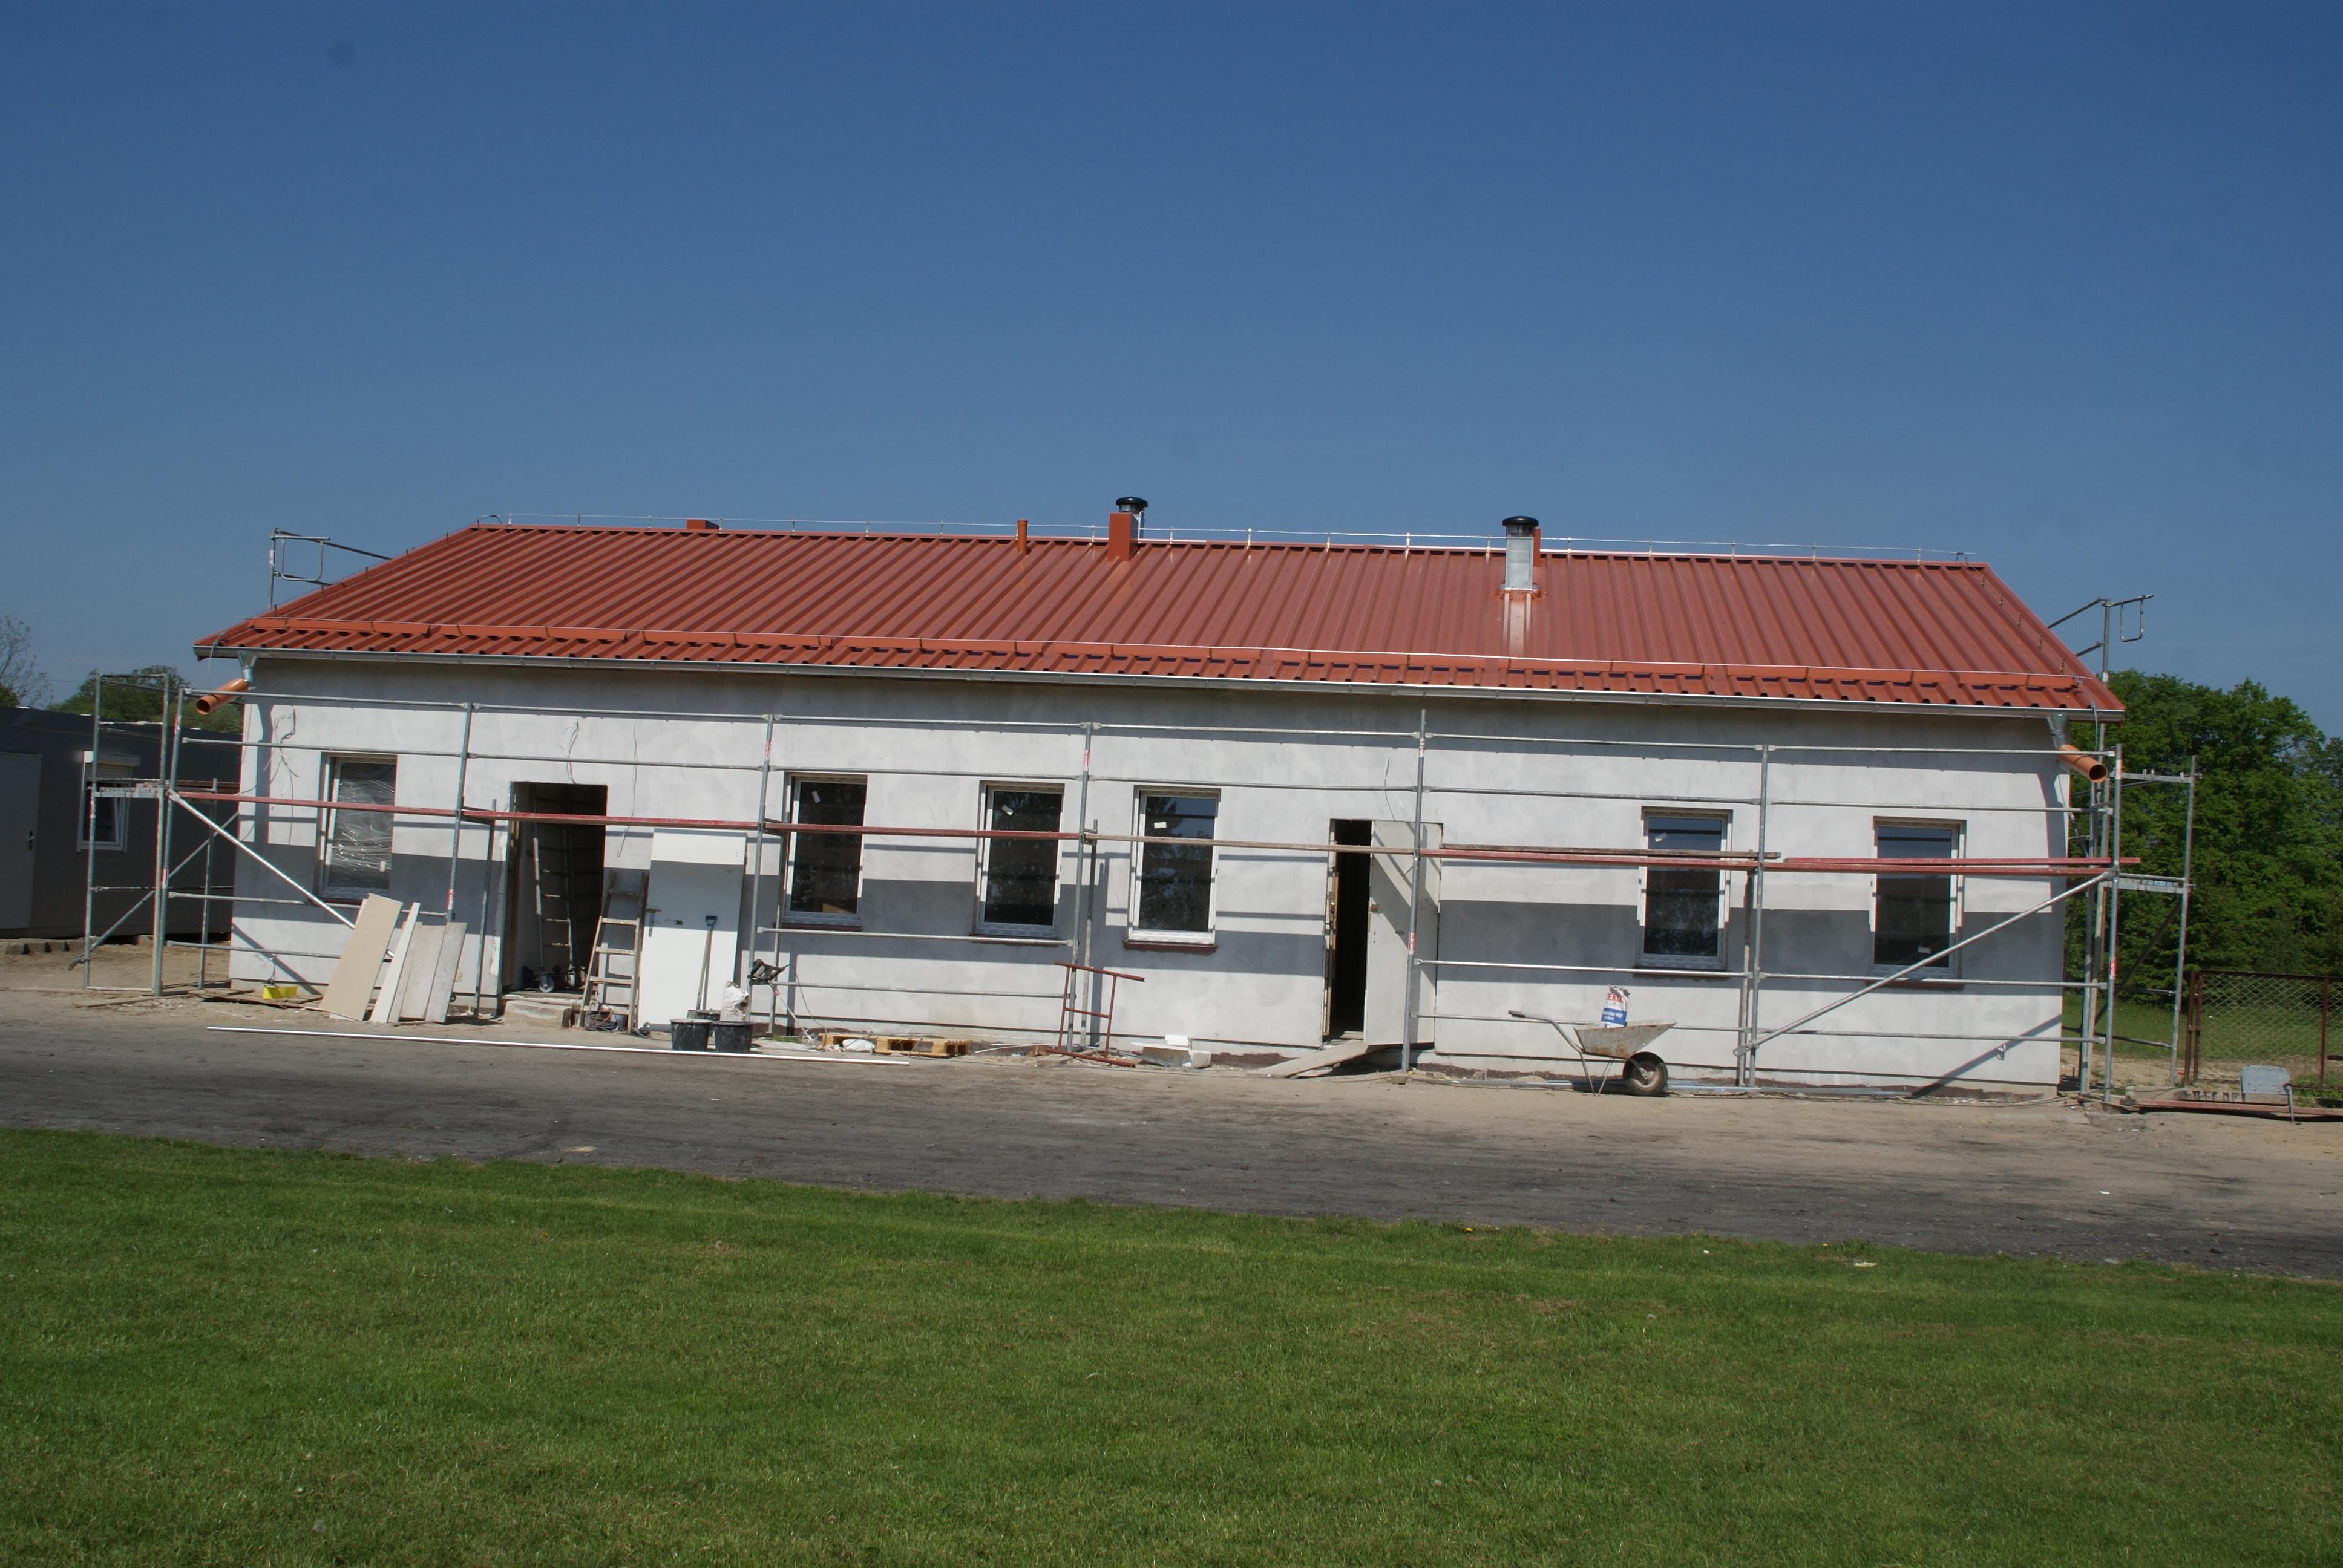 Na stadionie w Bezledach na ukończeniu są prace związane z budową budynku socjalnego